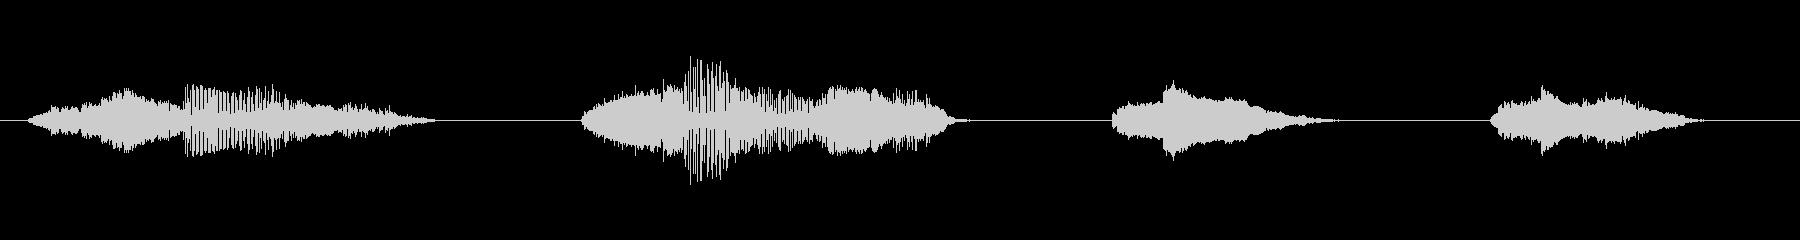 ドアウッドクリークx4の未再生の波形